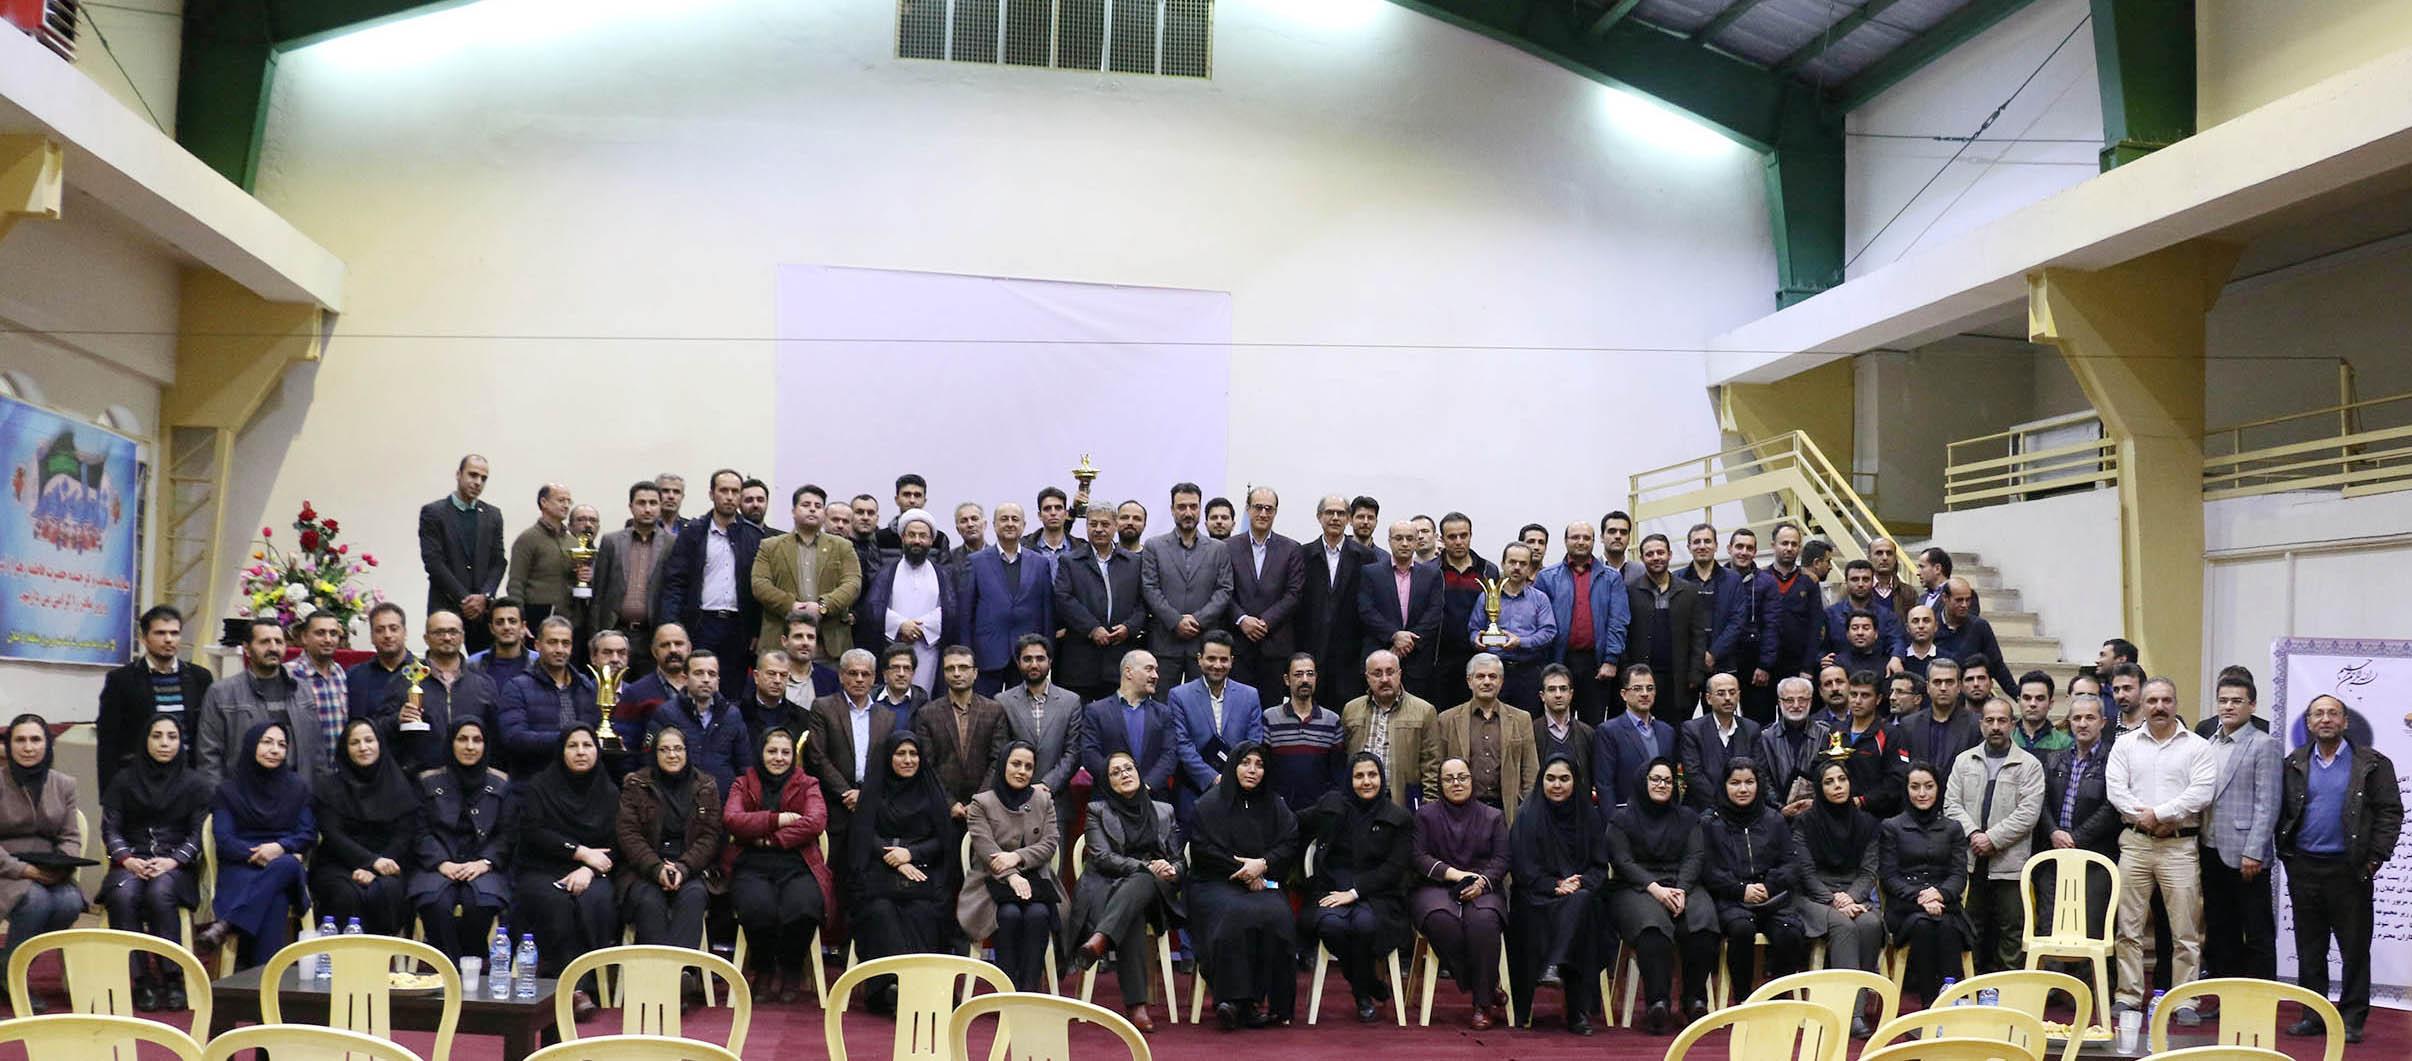 اختتامیه جشنواره مسابقات ورزشی بزرگداشت دهه مبارک فجر در برق منطقه ای گیلان برگزار شد.